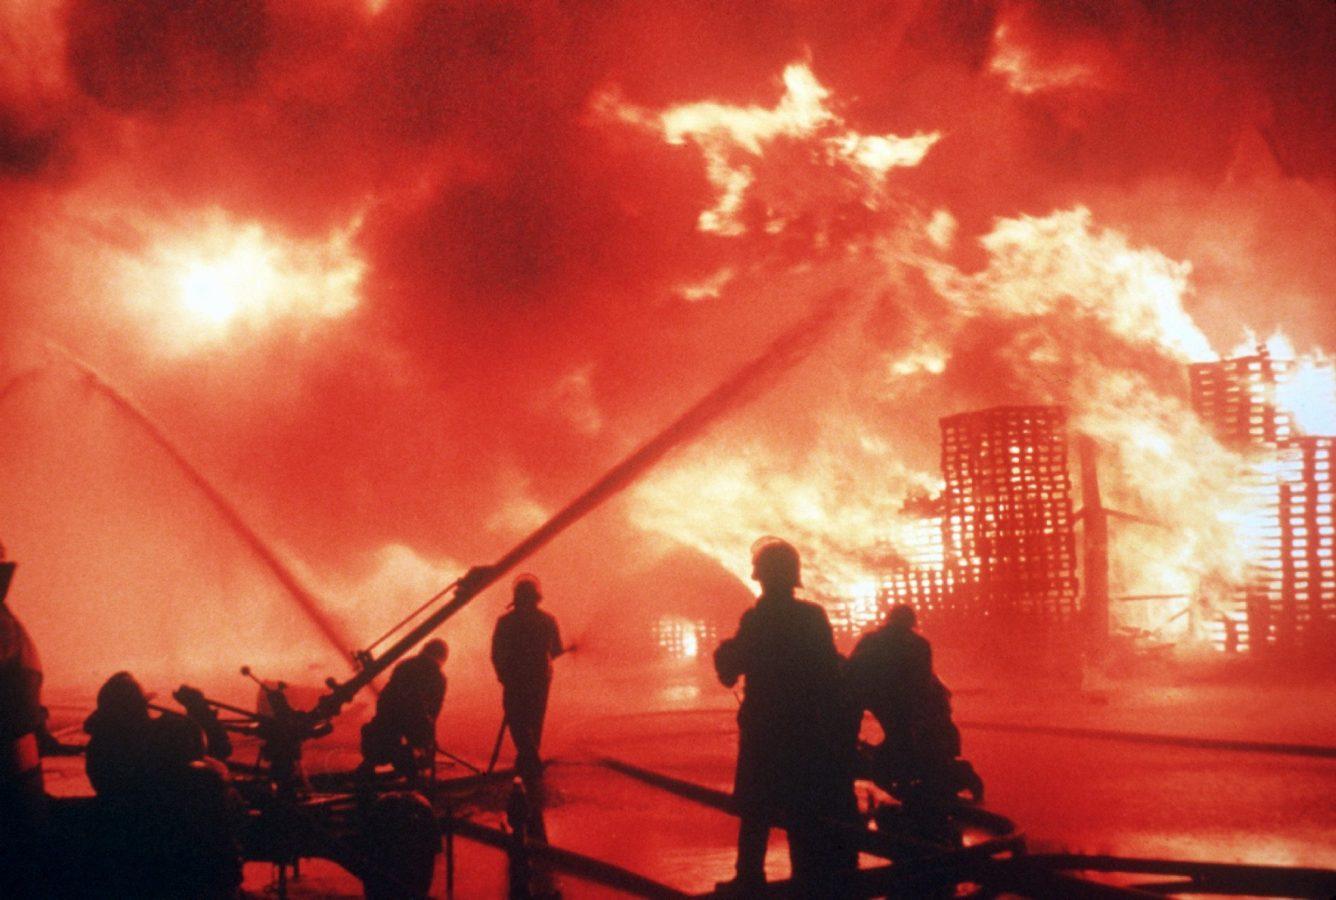 Ein Chemieunfall bei der Firma Sandoz vergiftete den Rhein 1986.